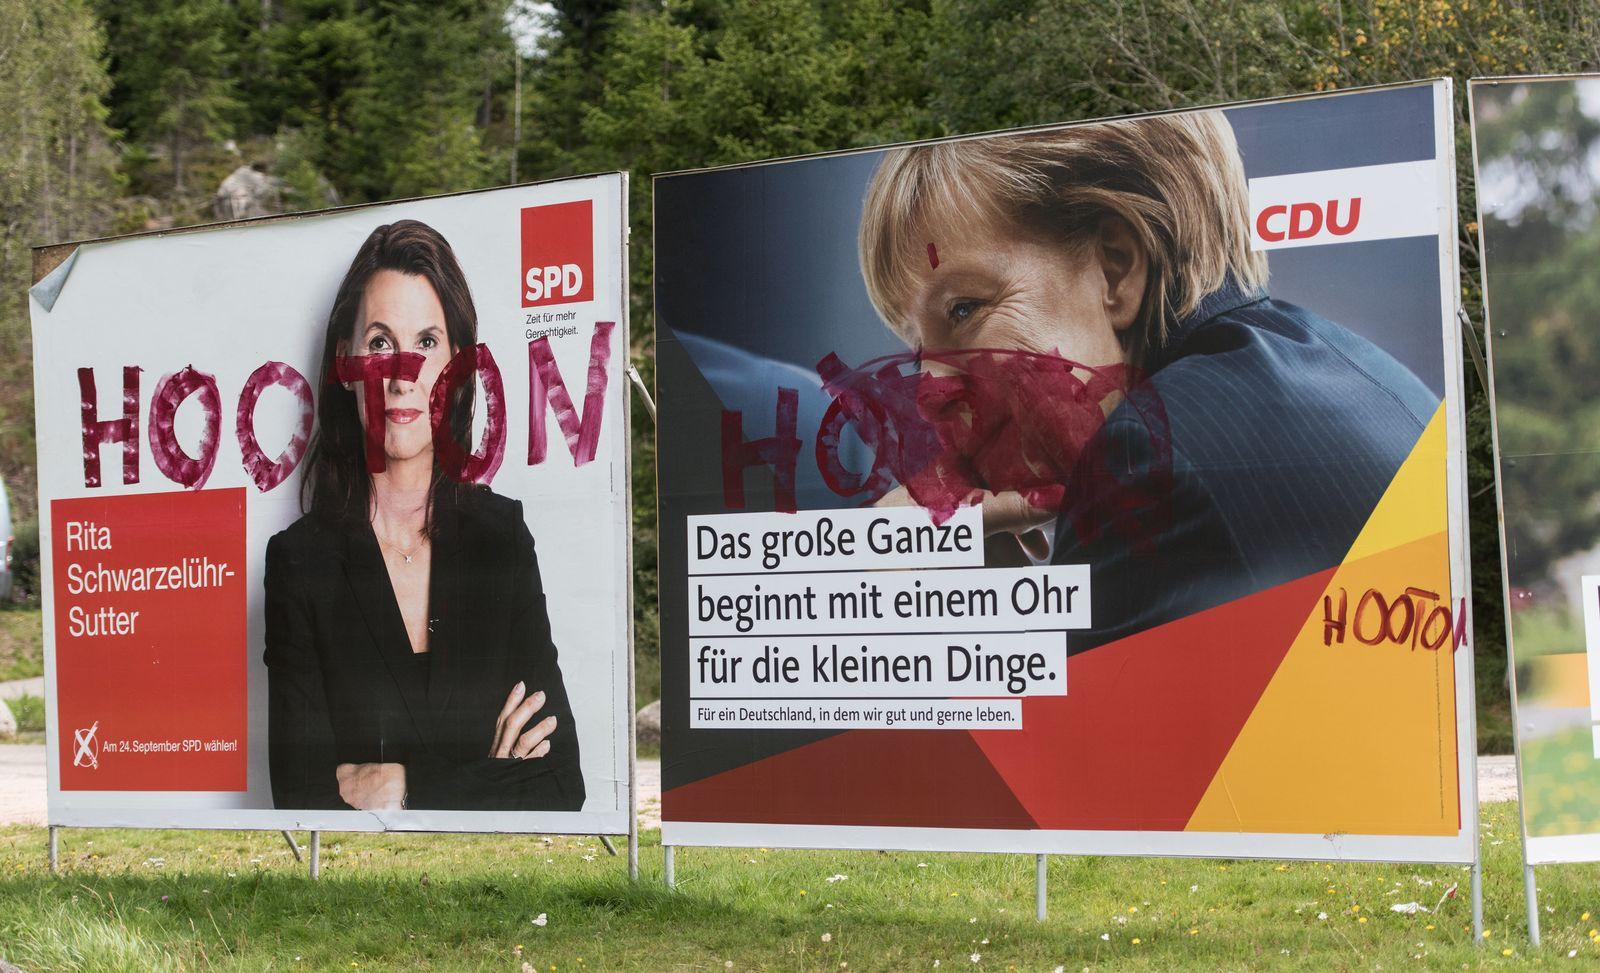 Beschmiert/ Merkel